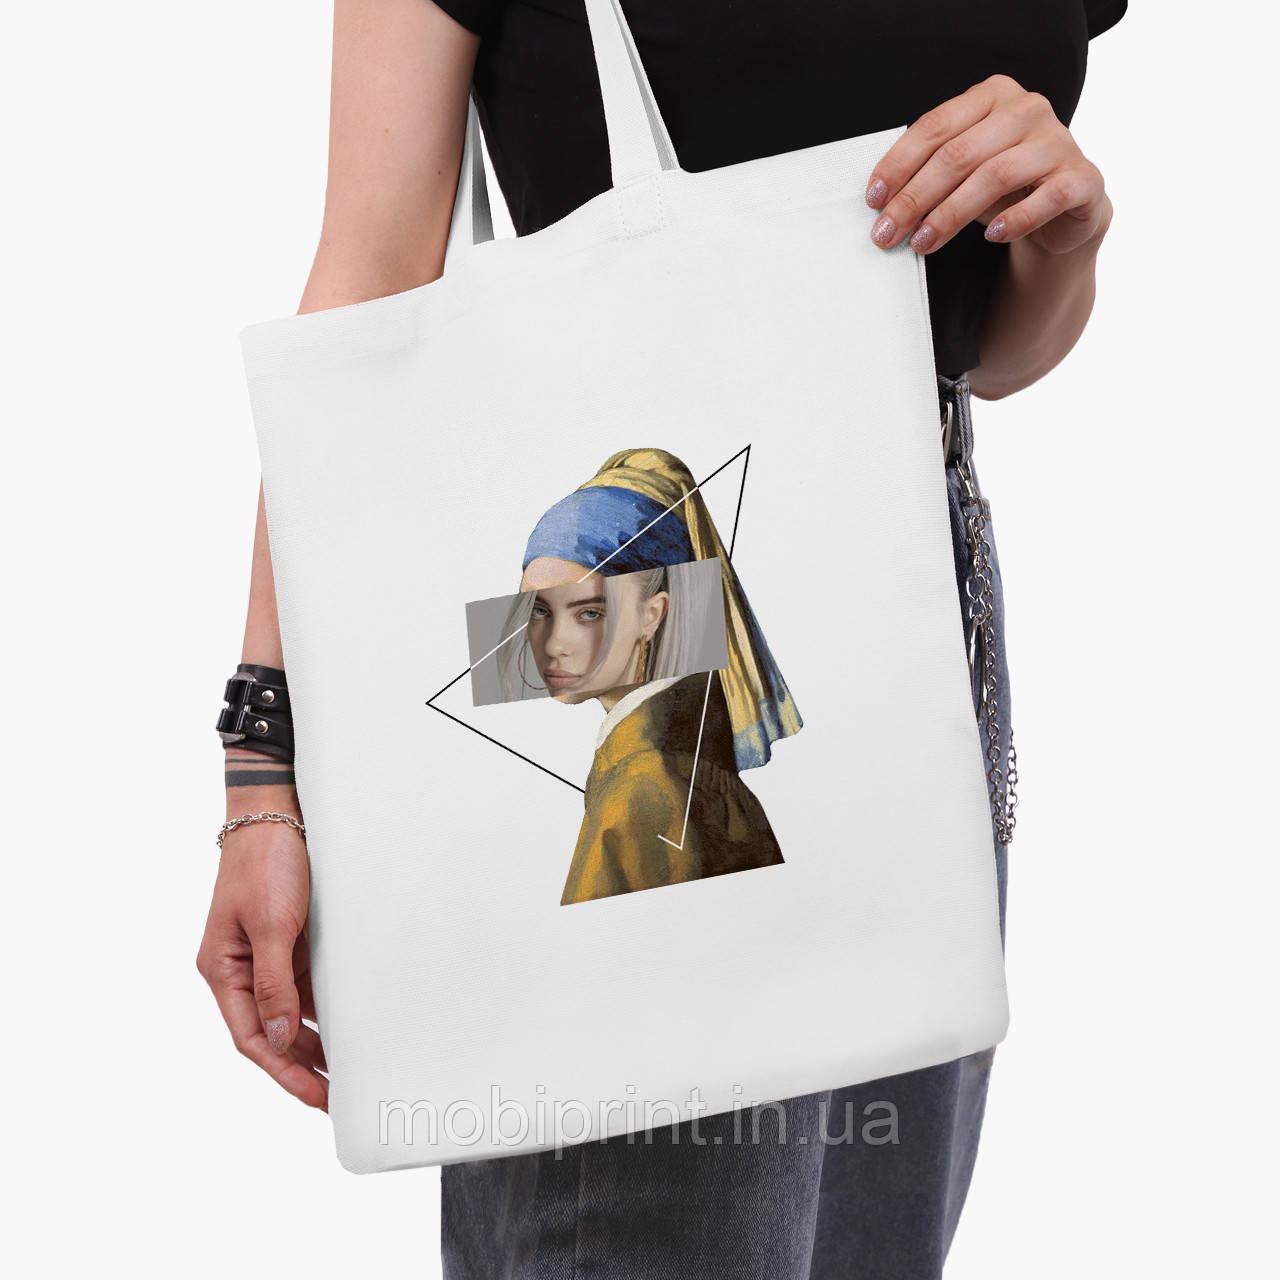 Еко сумка шоппер біла Біллі Айлиш - Ренесанс (Billie Eilish - Renaissance) (9227-1206-3) 41*35 см